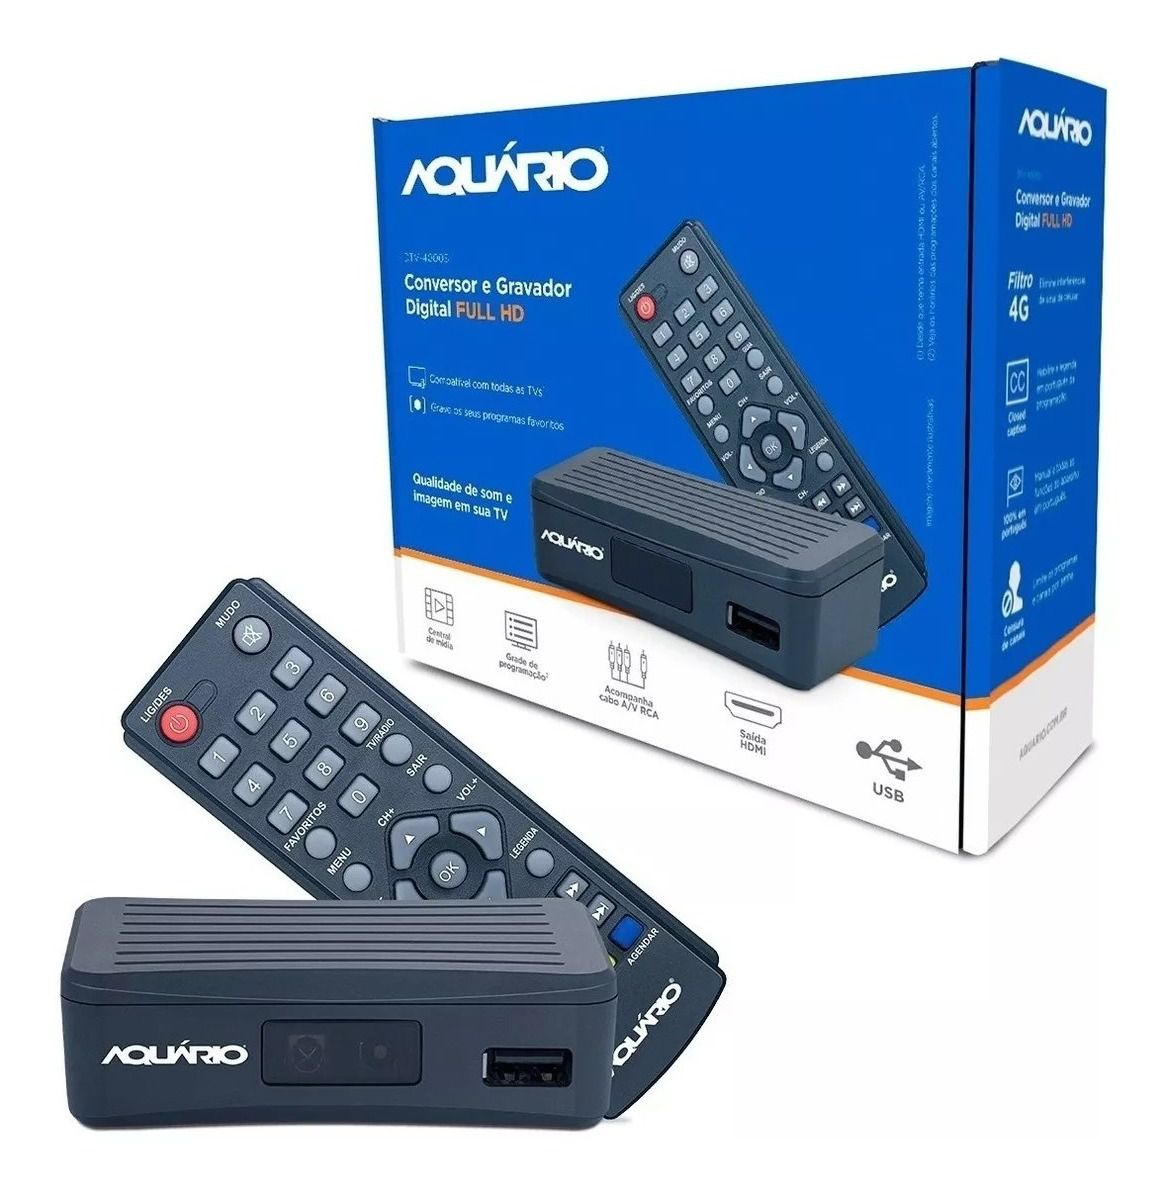 Conversor e Gravador Digital Full HD DTV 4000s Aquário